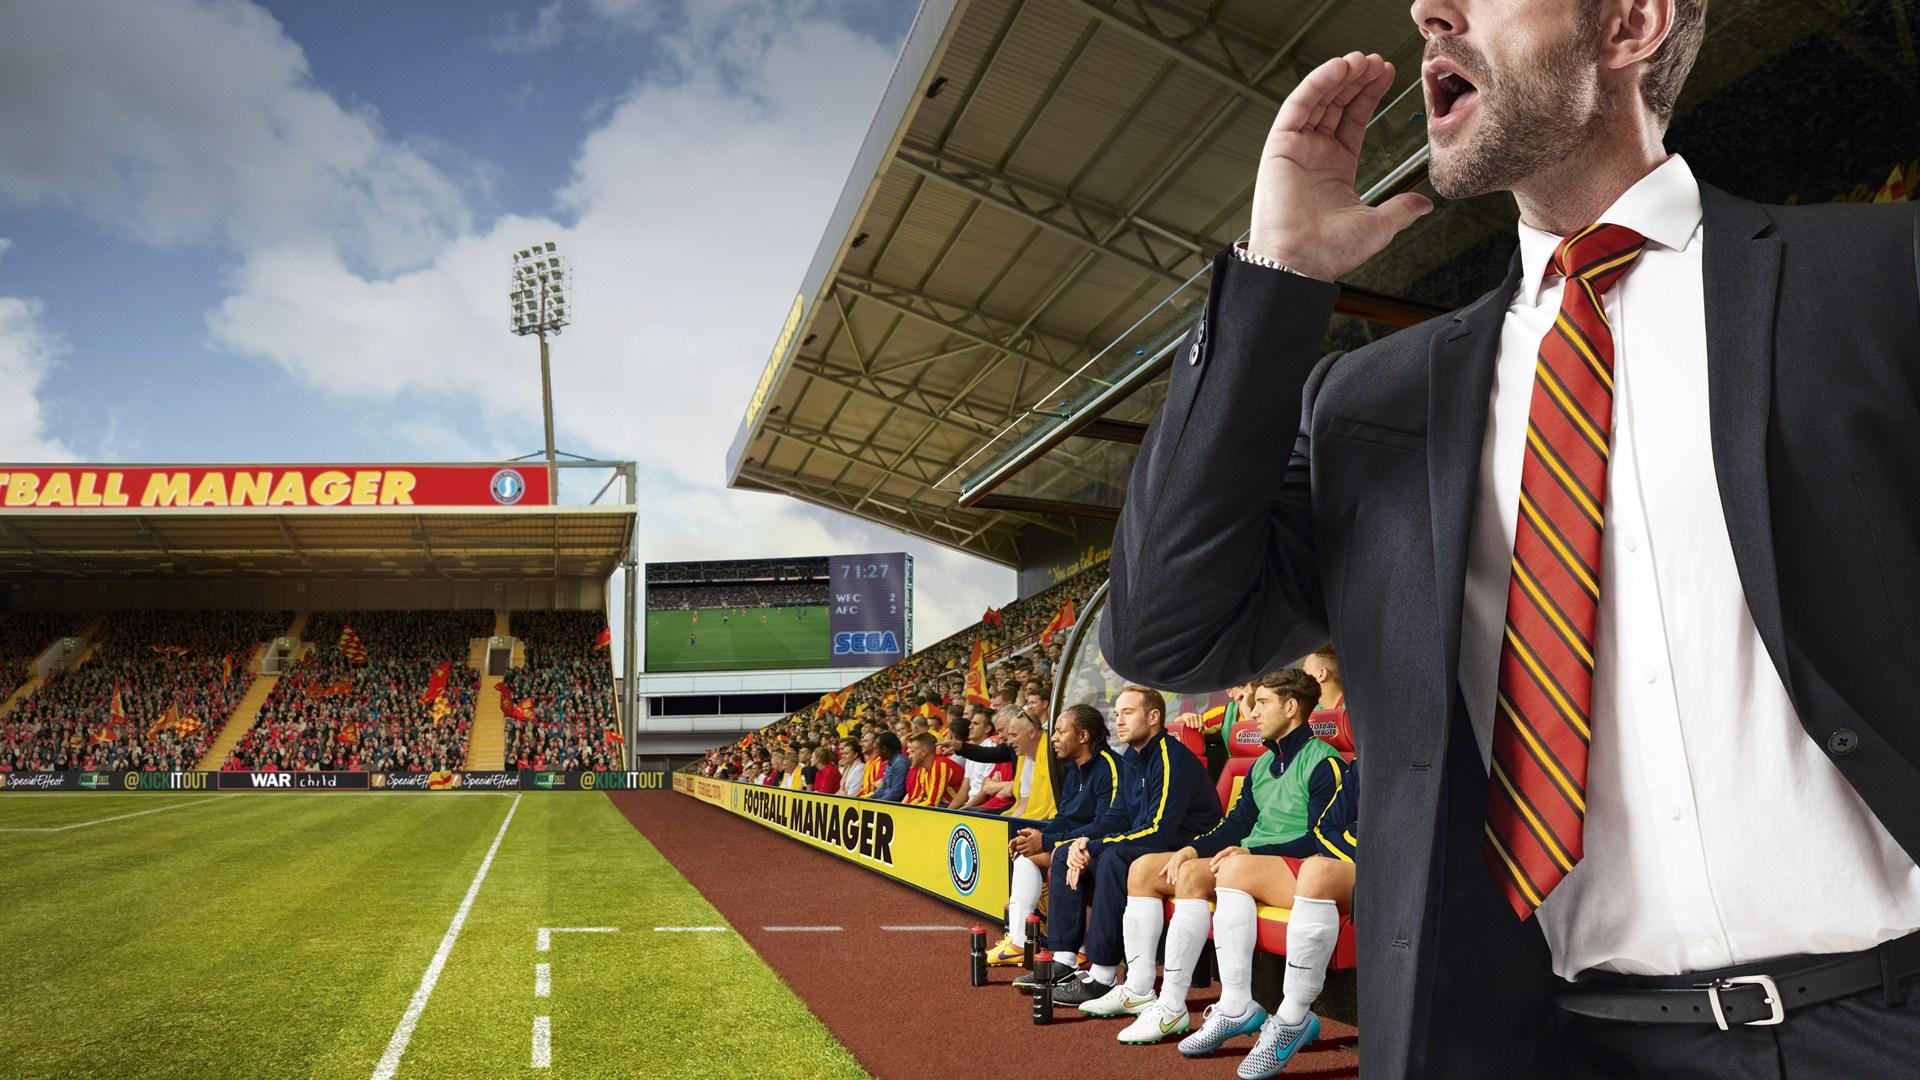 Football Manager 2017 İndirimli Olarak Çıktı!